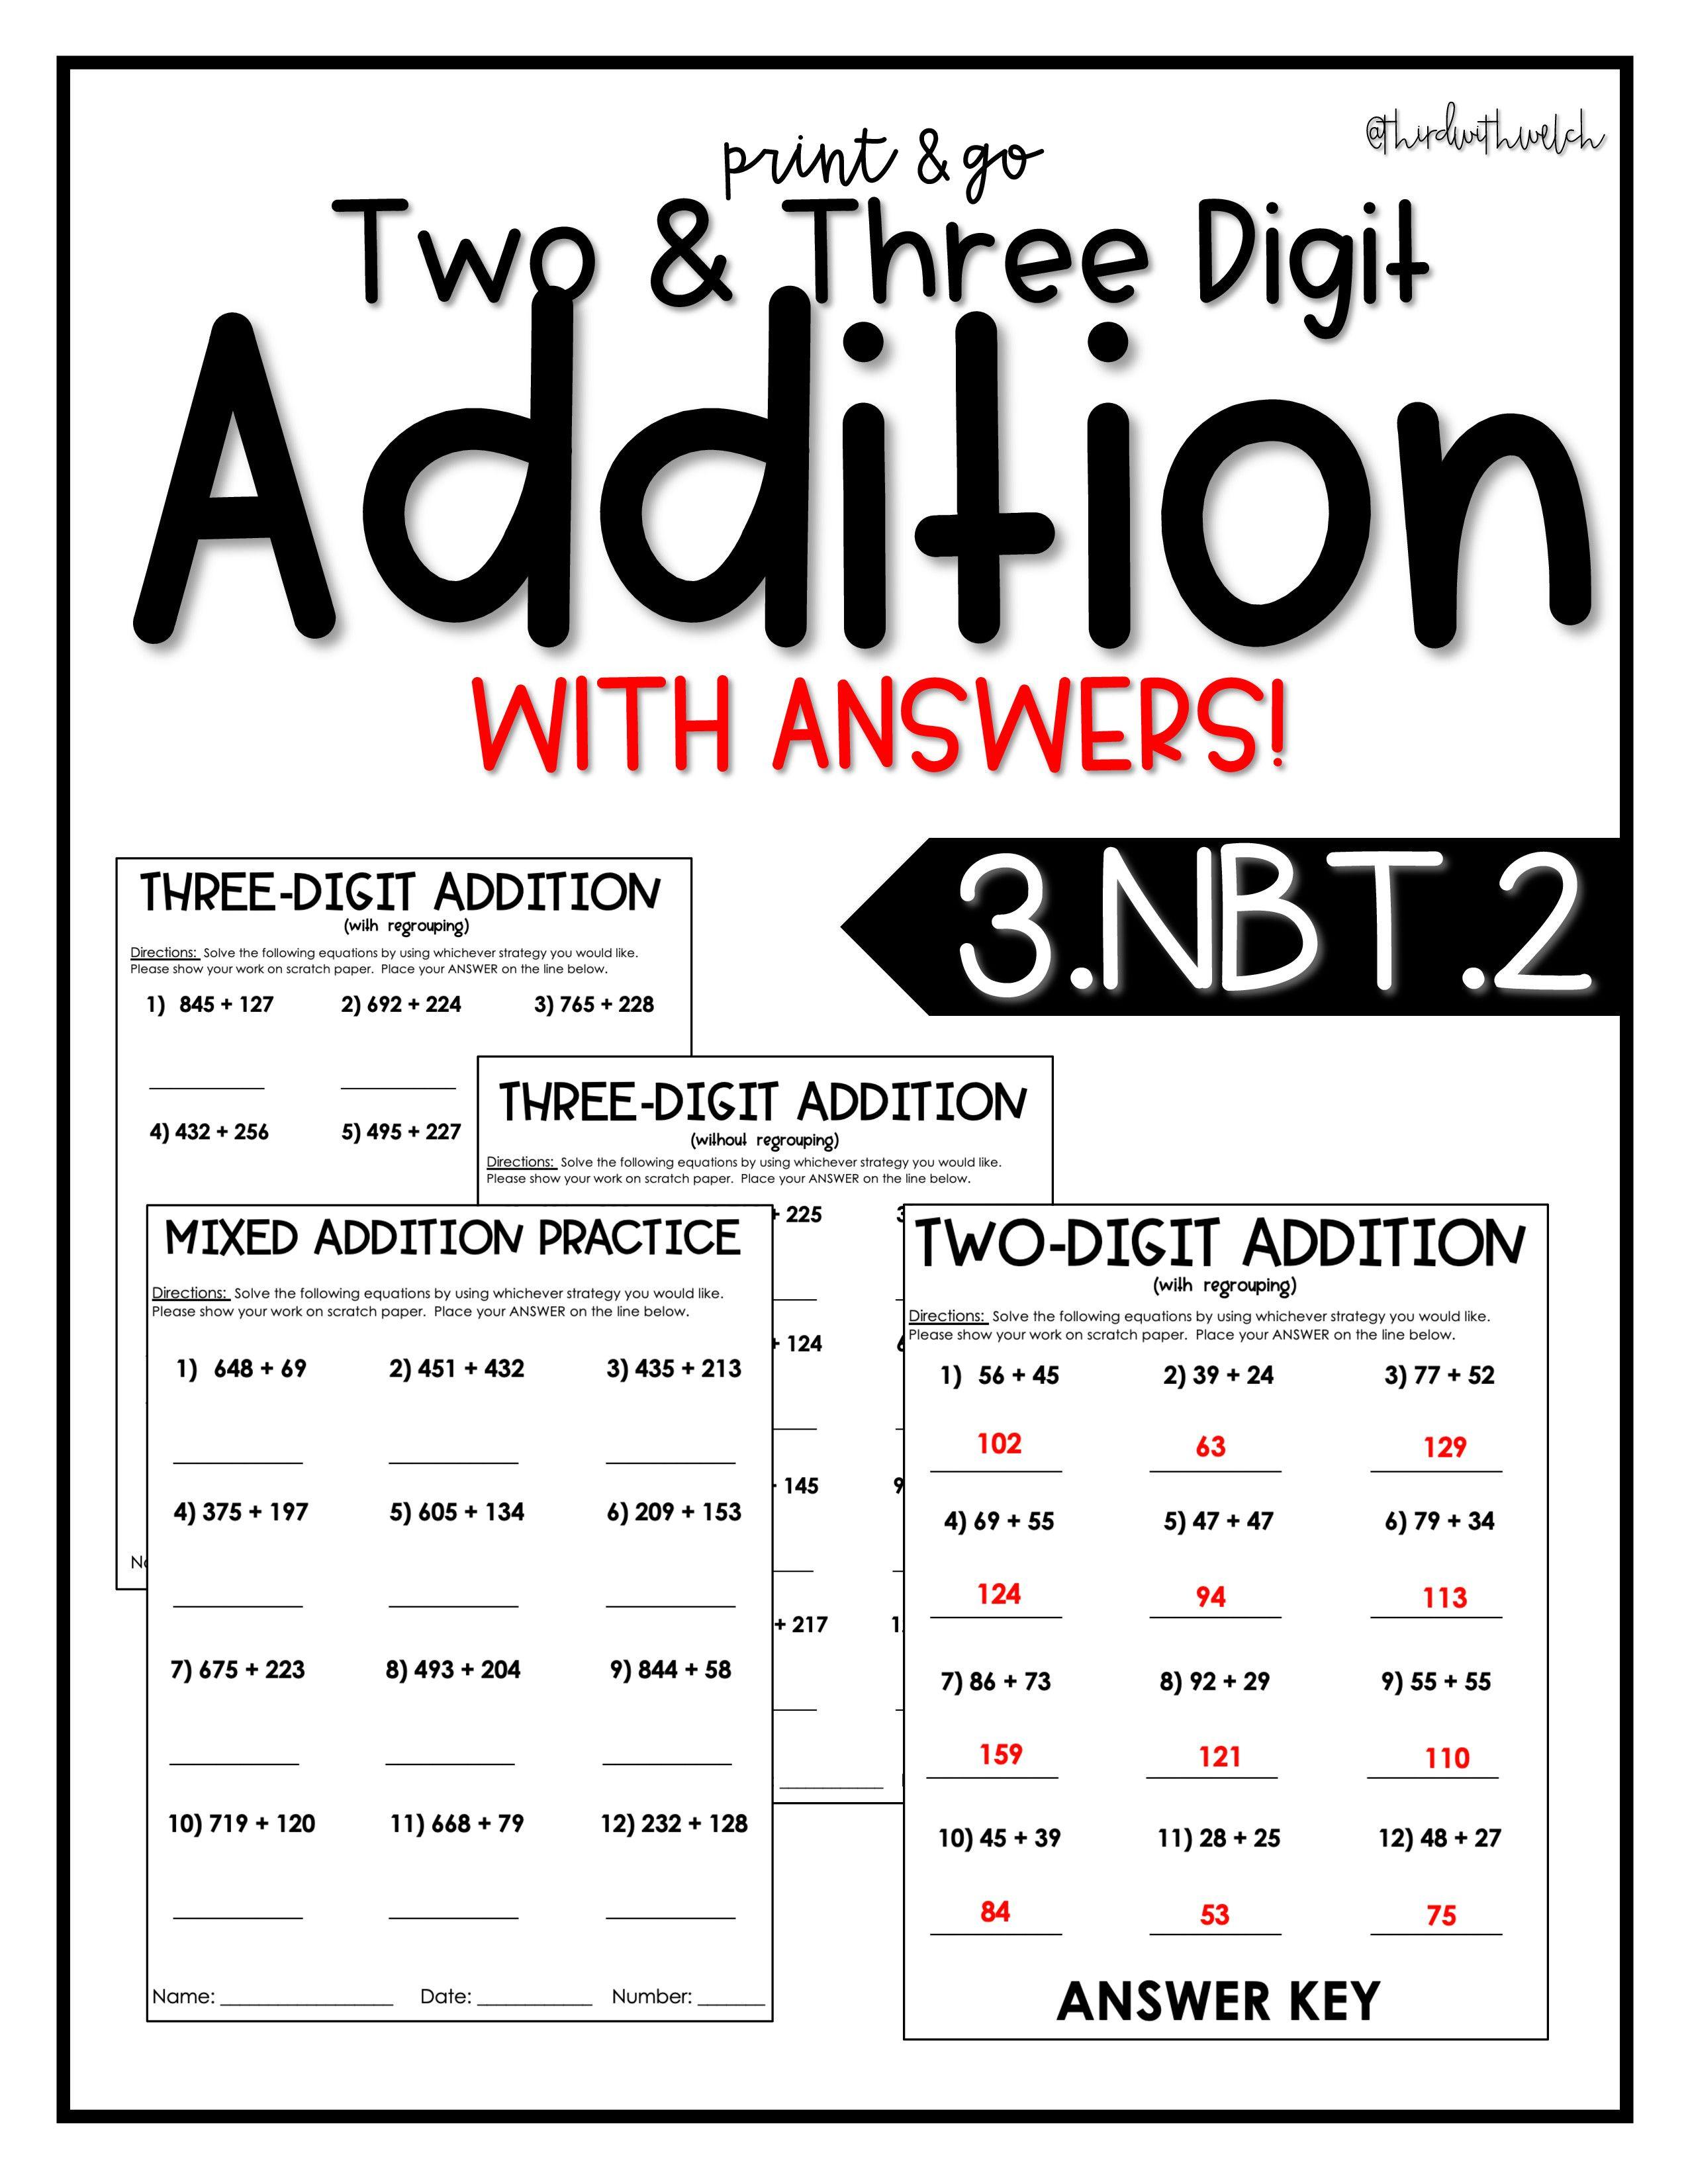 2 Amp 3 Digit Addition Practice